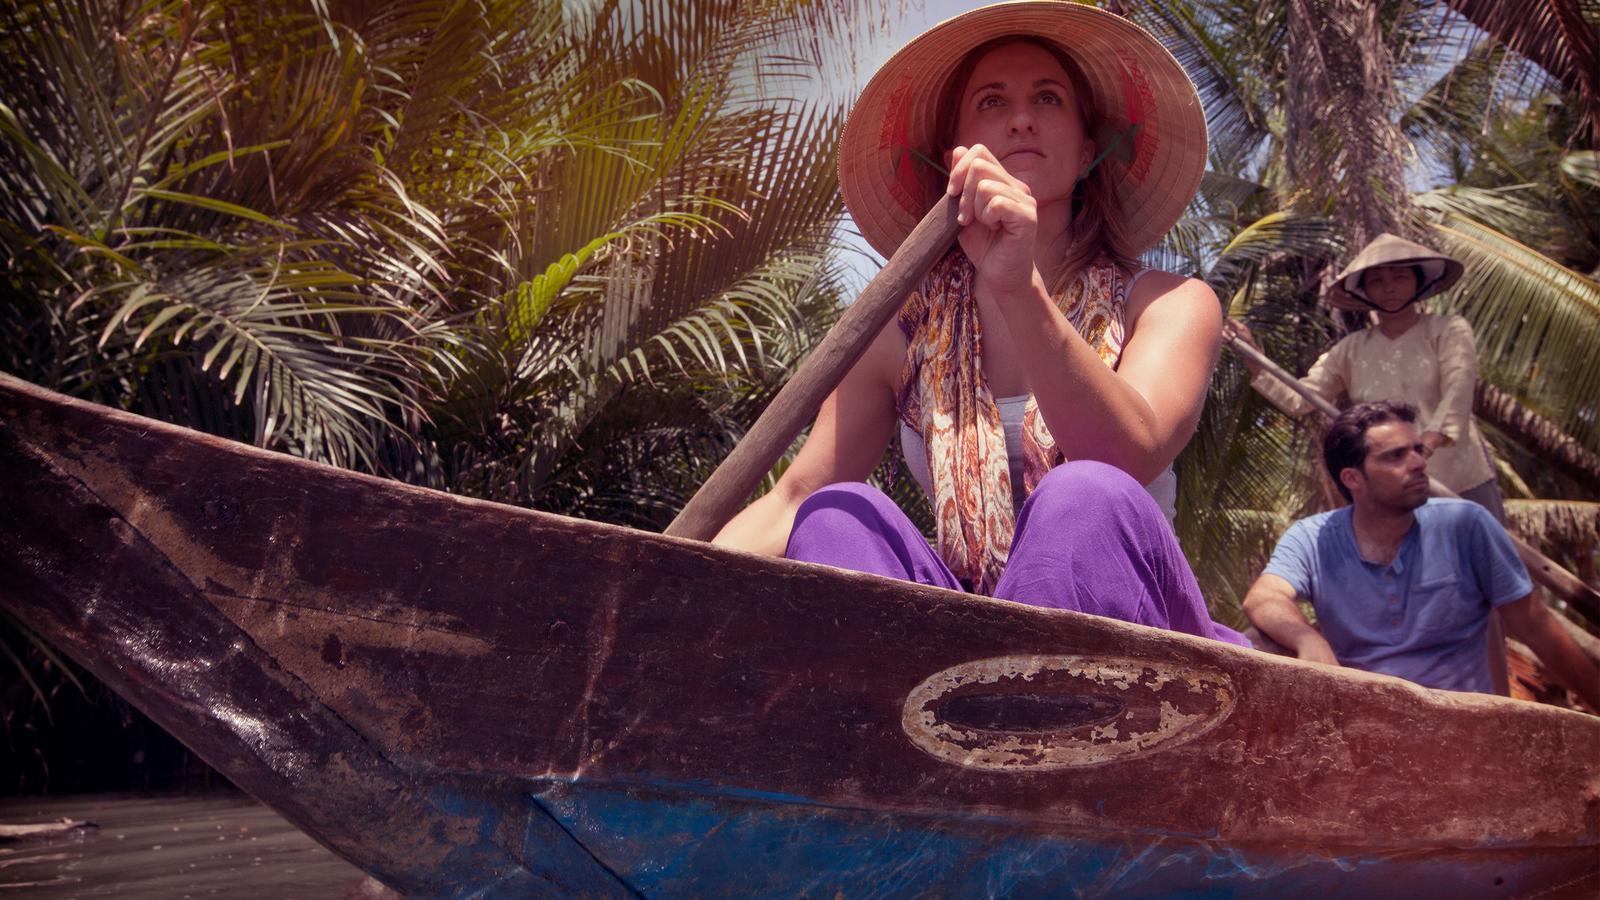 Vietnam, Laos & Thailand Reisen für junge Leute Indochina preiswert reisen in der Gruppe traveljunkies